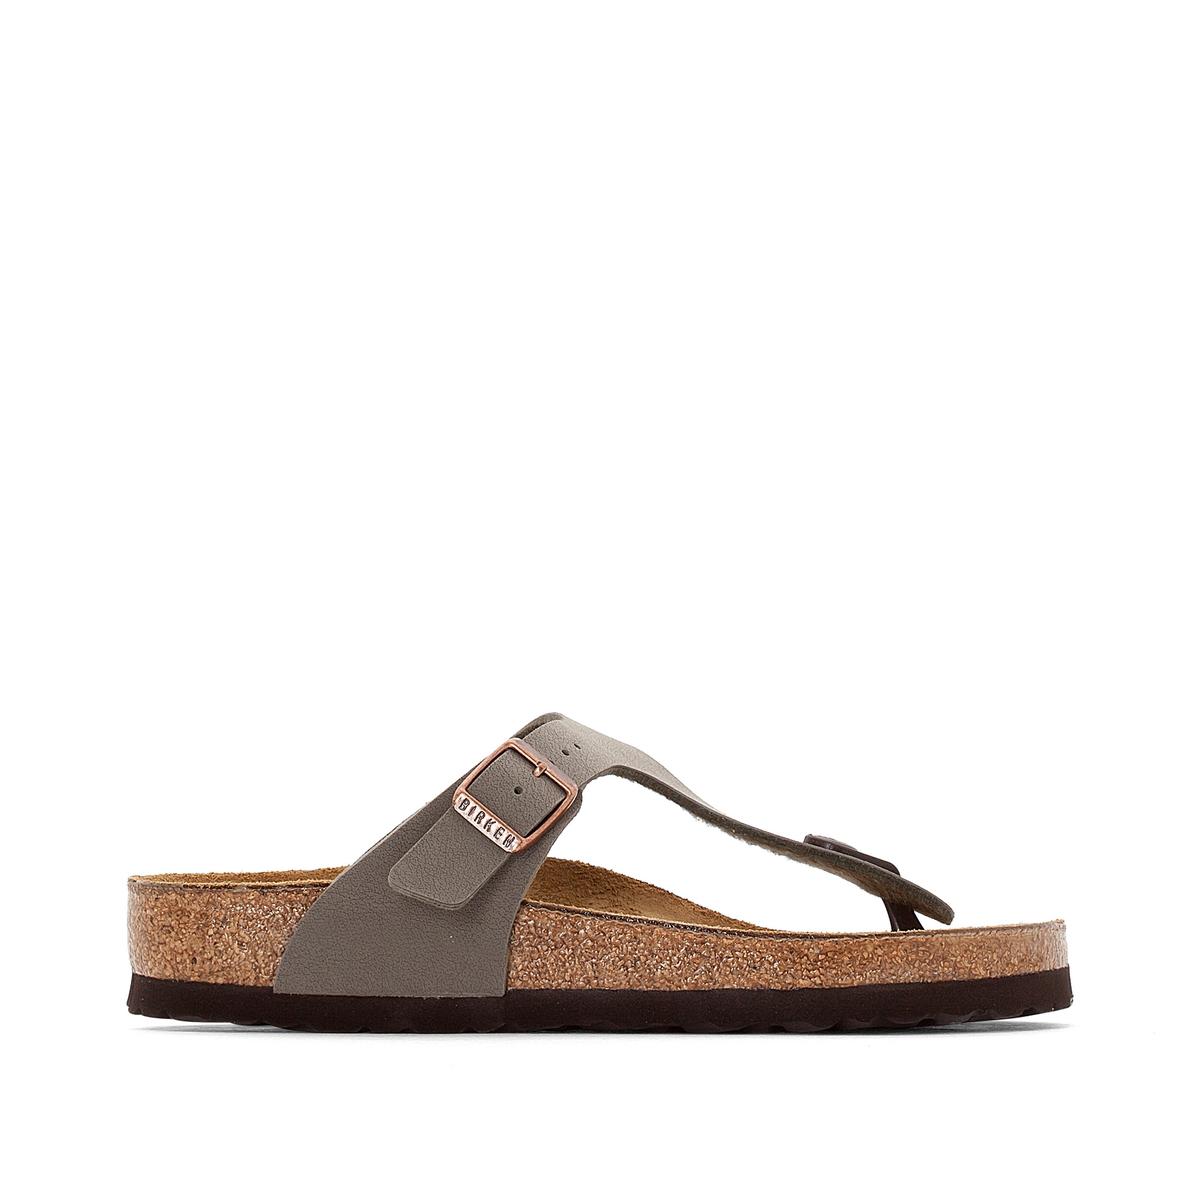 Туфли без задника GIZEHВерх : синтетический материал (Birko-Flor)           Подкладка : фетр         Стелька : велюровая кожа         Подошва : ЭВА         Застежка : без застежки<br><br>Цвет: серо-коричневый